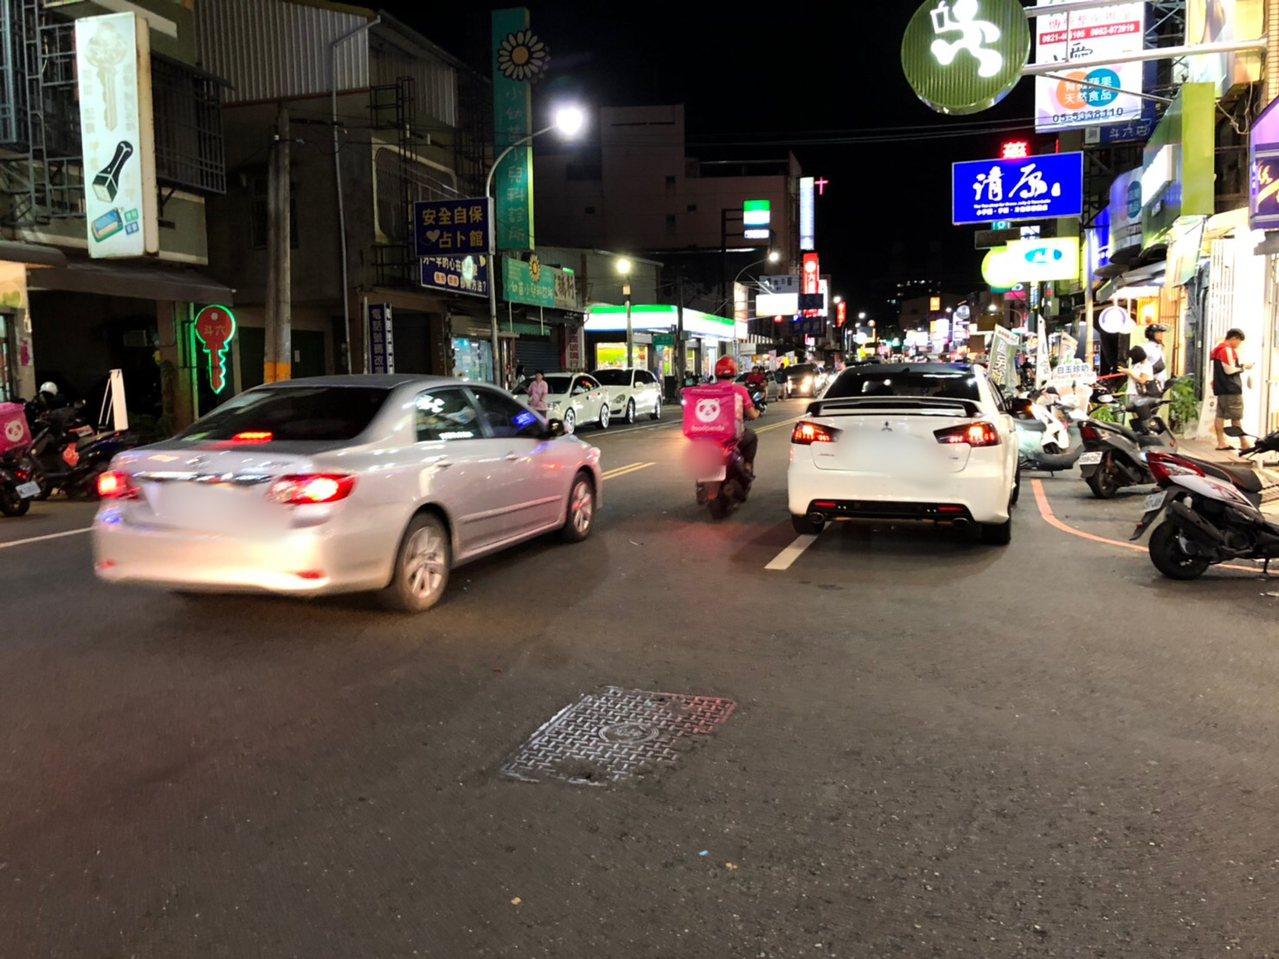 雲林縣斗六市近日常可看到美食外送員穿梭在車陣中。記者陳雅玲/攝影